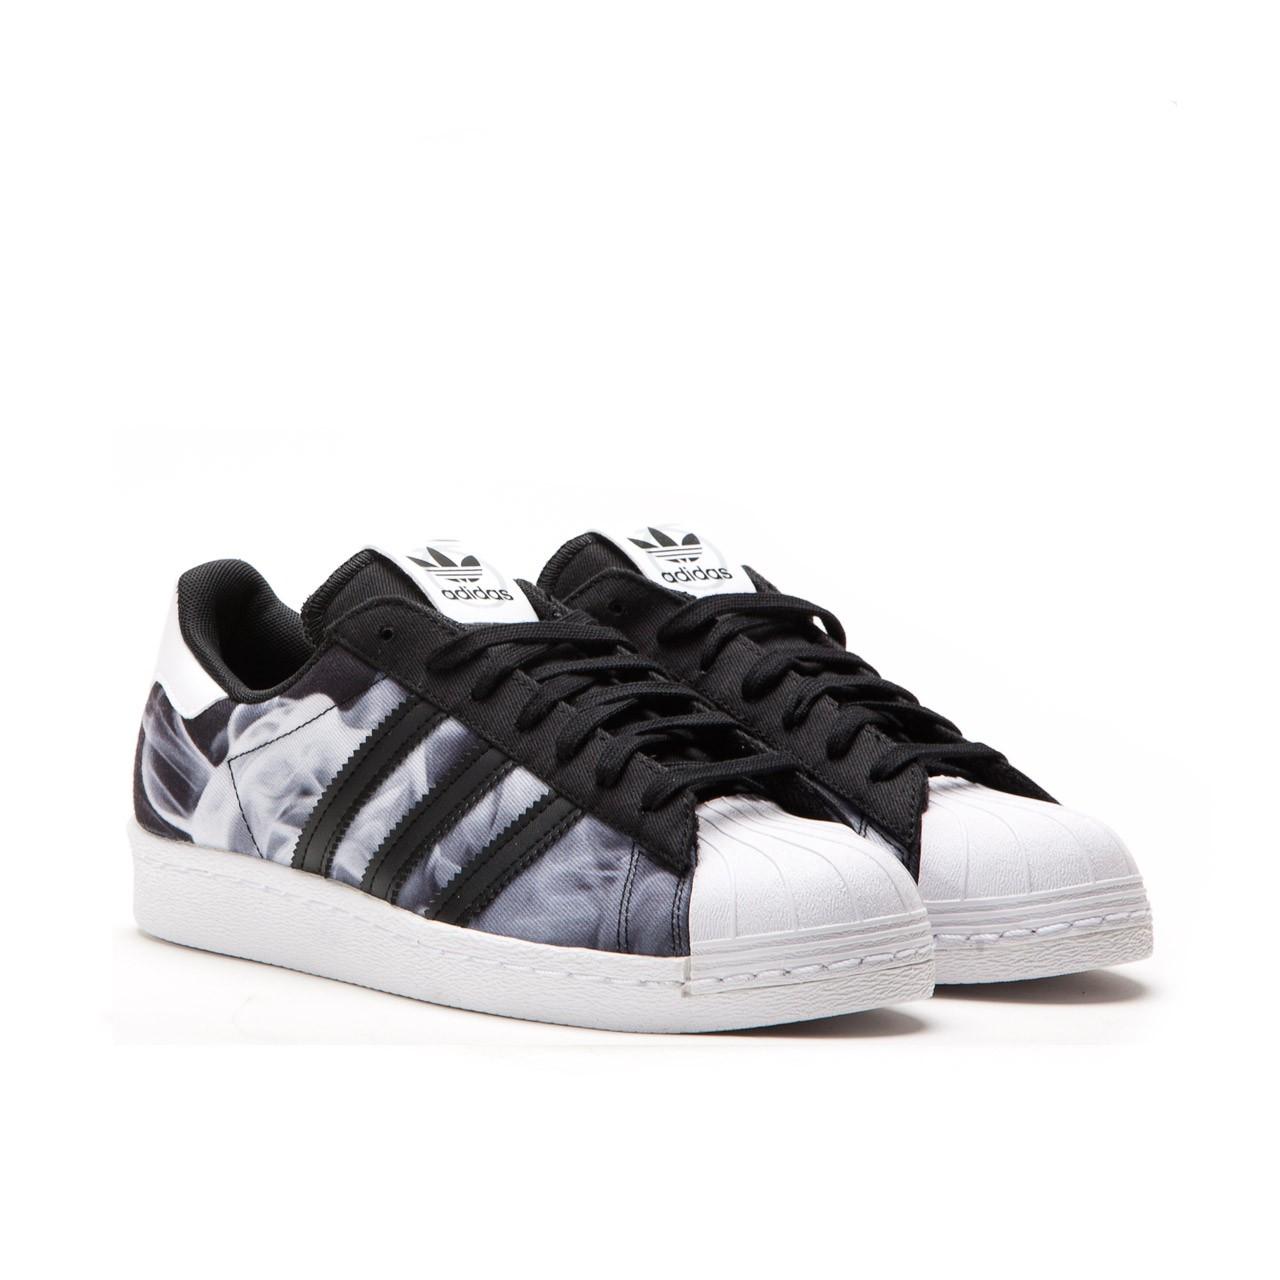 Rita Ora Smoke Adidas Shoes